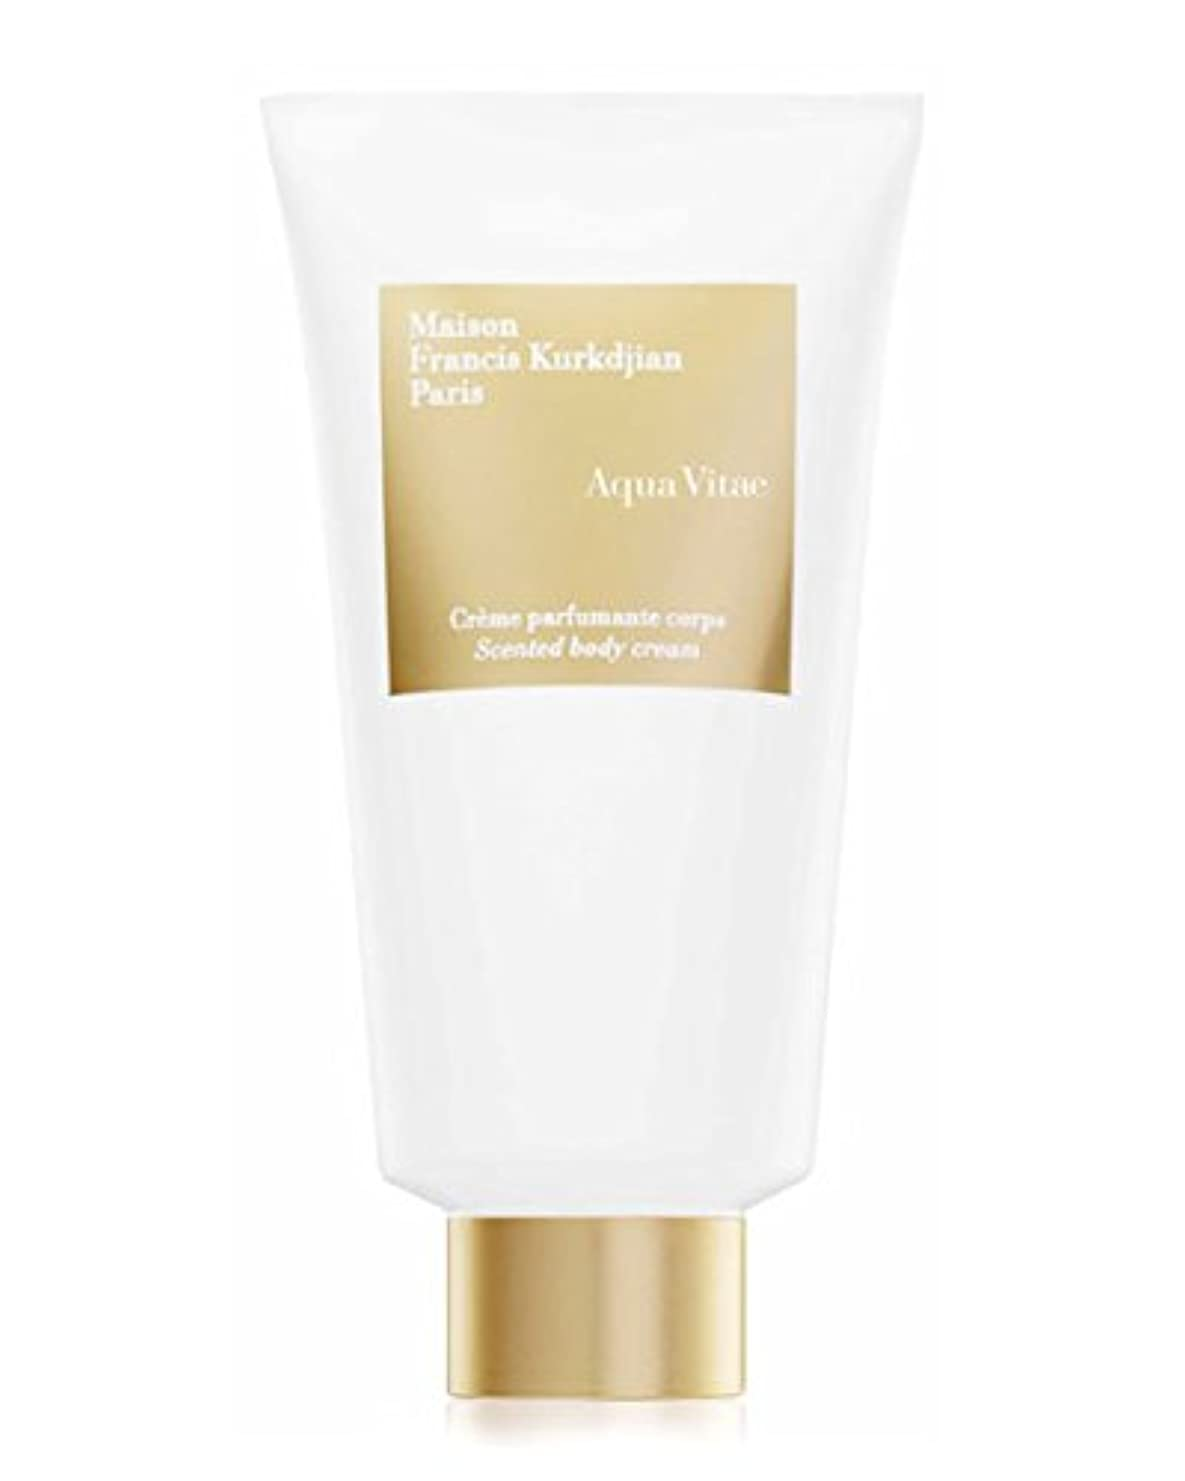 リーフレット最終的に可決Maison Francis Kurkdjian Aqua Vitae (メゾン フランシス クルジャン アクア ビタエ) 5.0 oz (150ml) Scented body cream